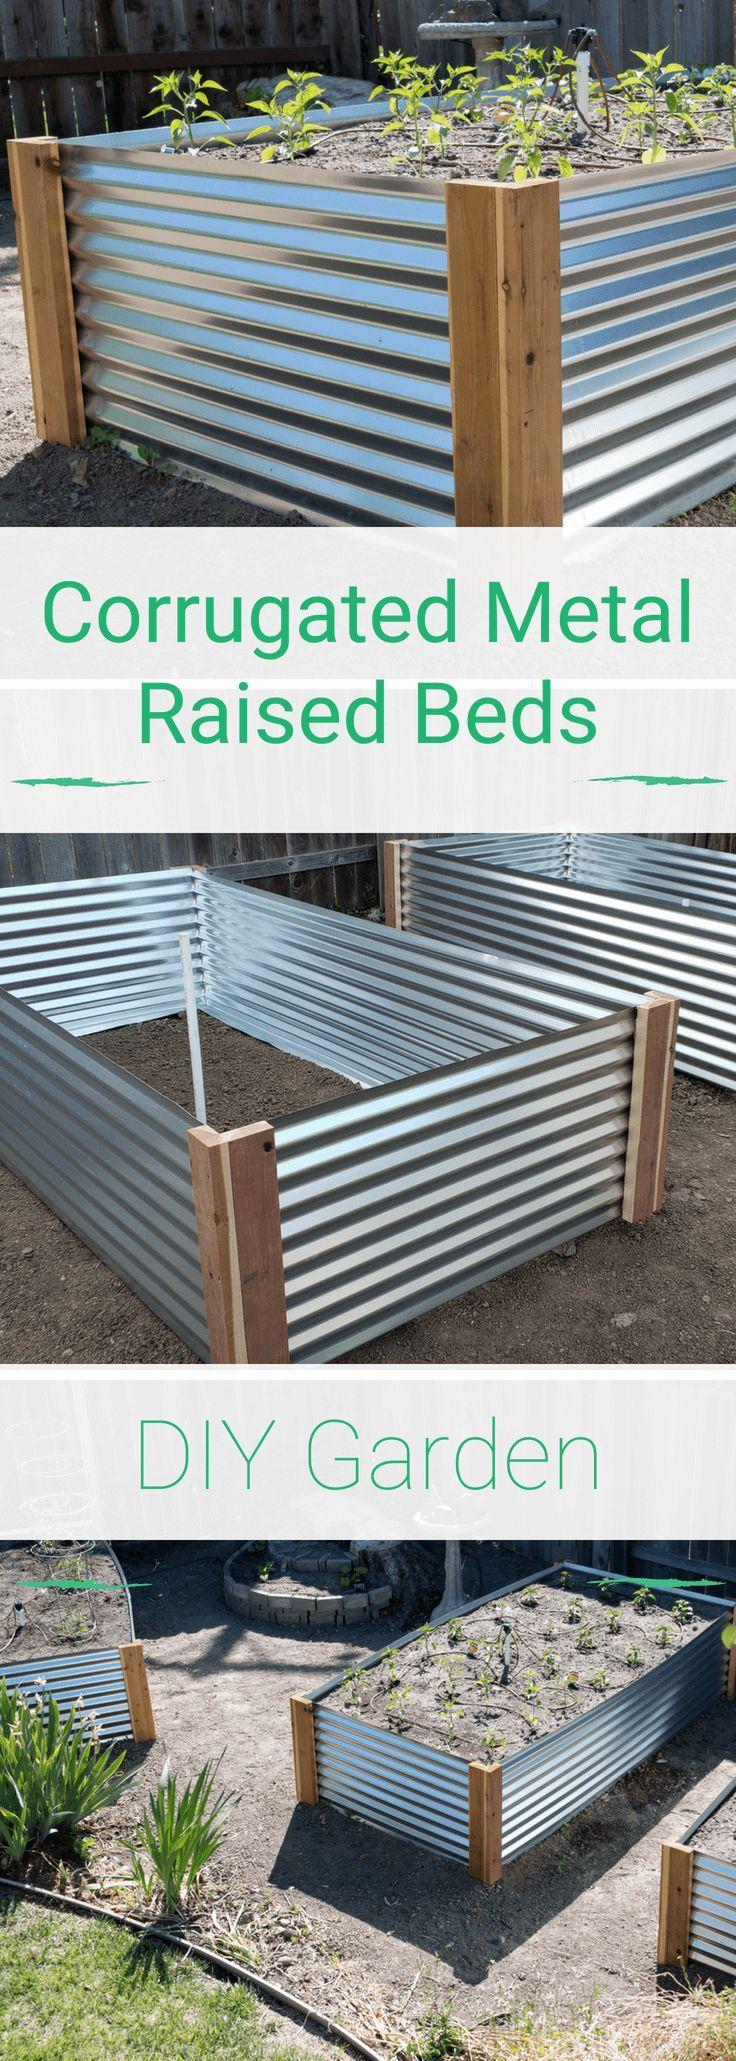 How To Build A Raised Metal Garden Bed Metal Garden Beds 640 x 480